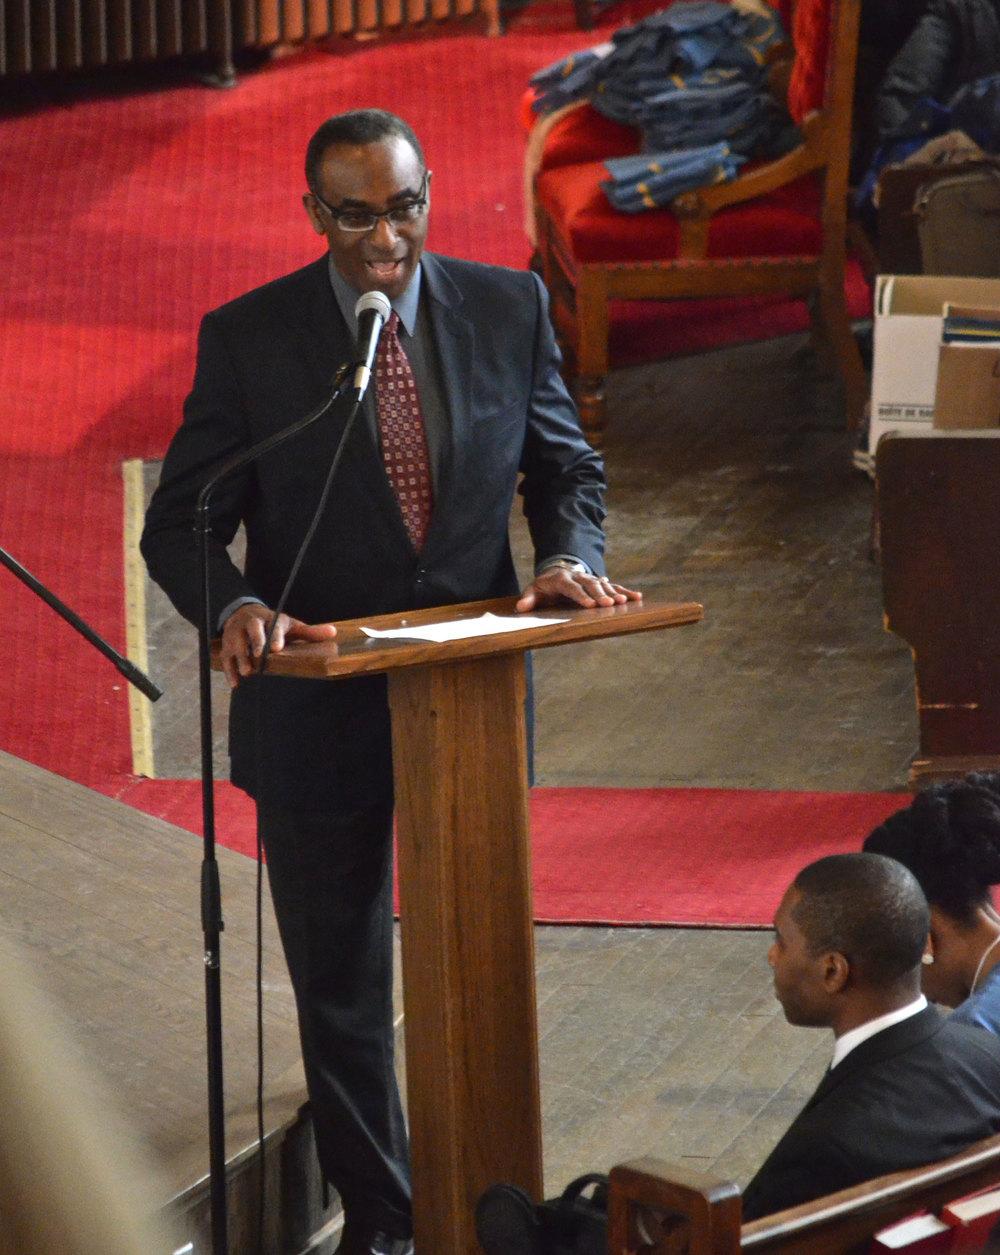 SPENCER DUNCANSON, MCA President